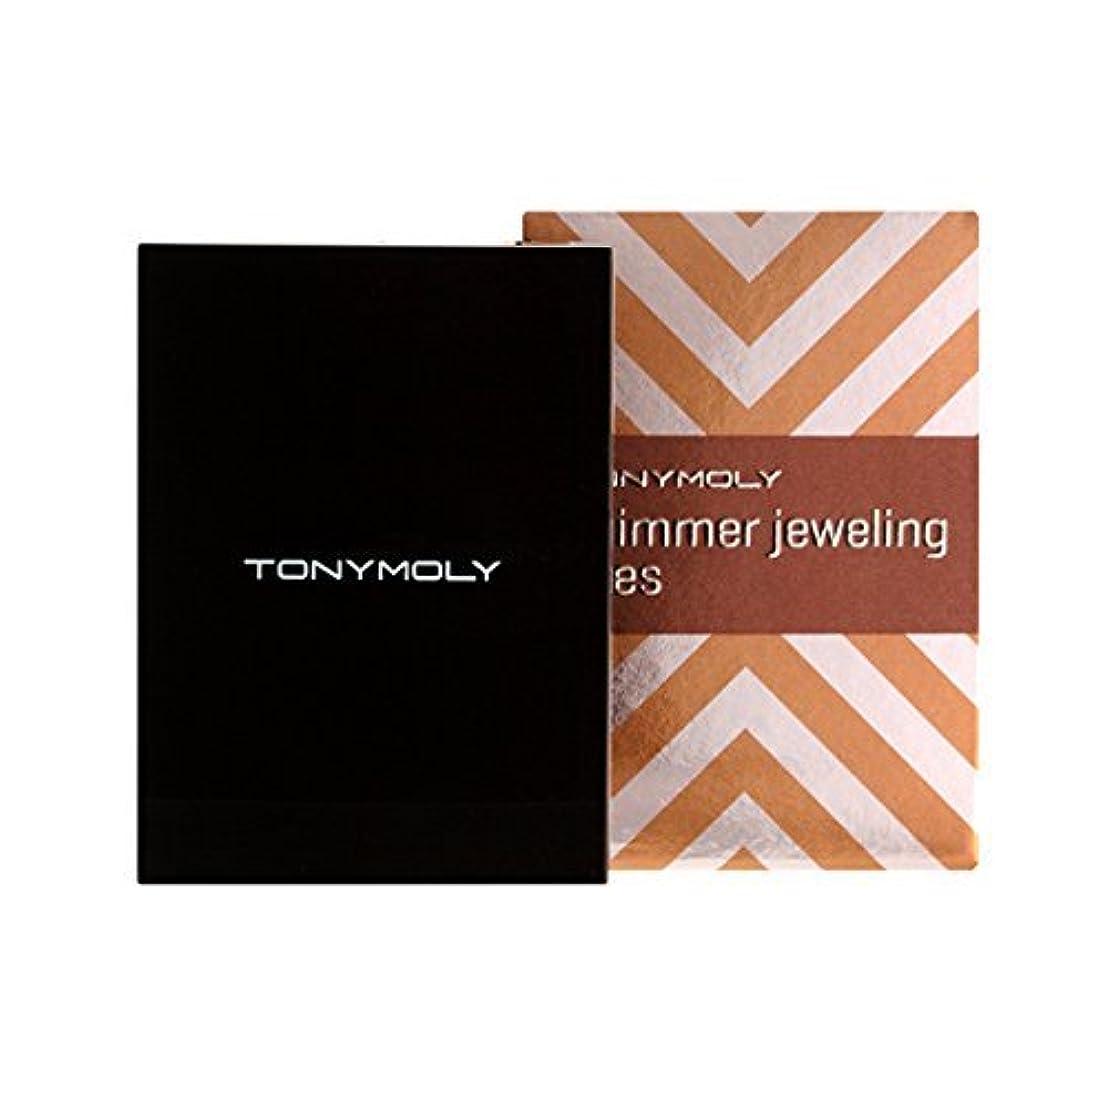 ジュニアニュースアマチュア[Tonymoly] トニーモリ Shimmer Jeweling Eyes 2.7g #01 Gold Jeweling by TONYMOLY